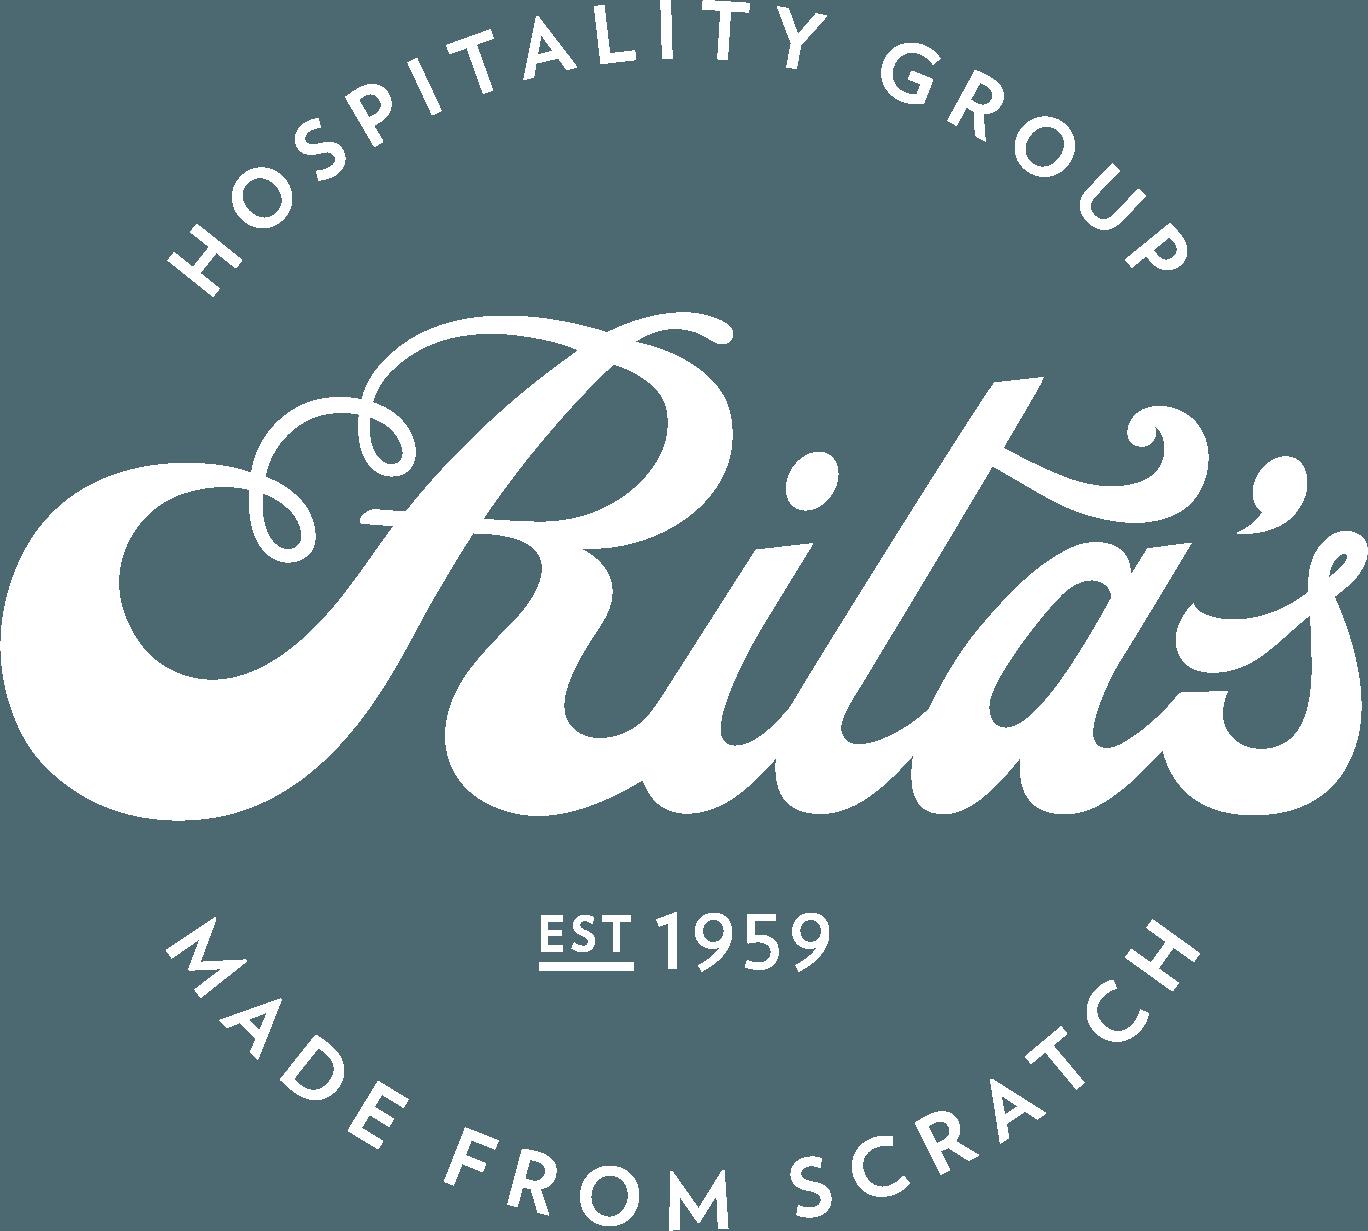 Ritas_Catering_Emblem.png